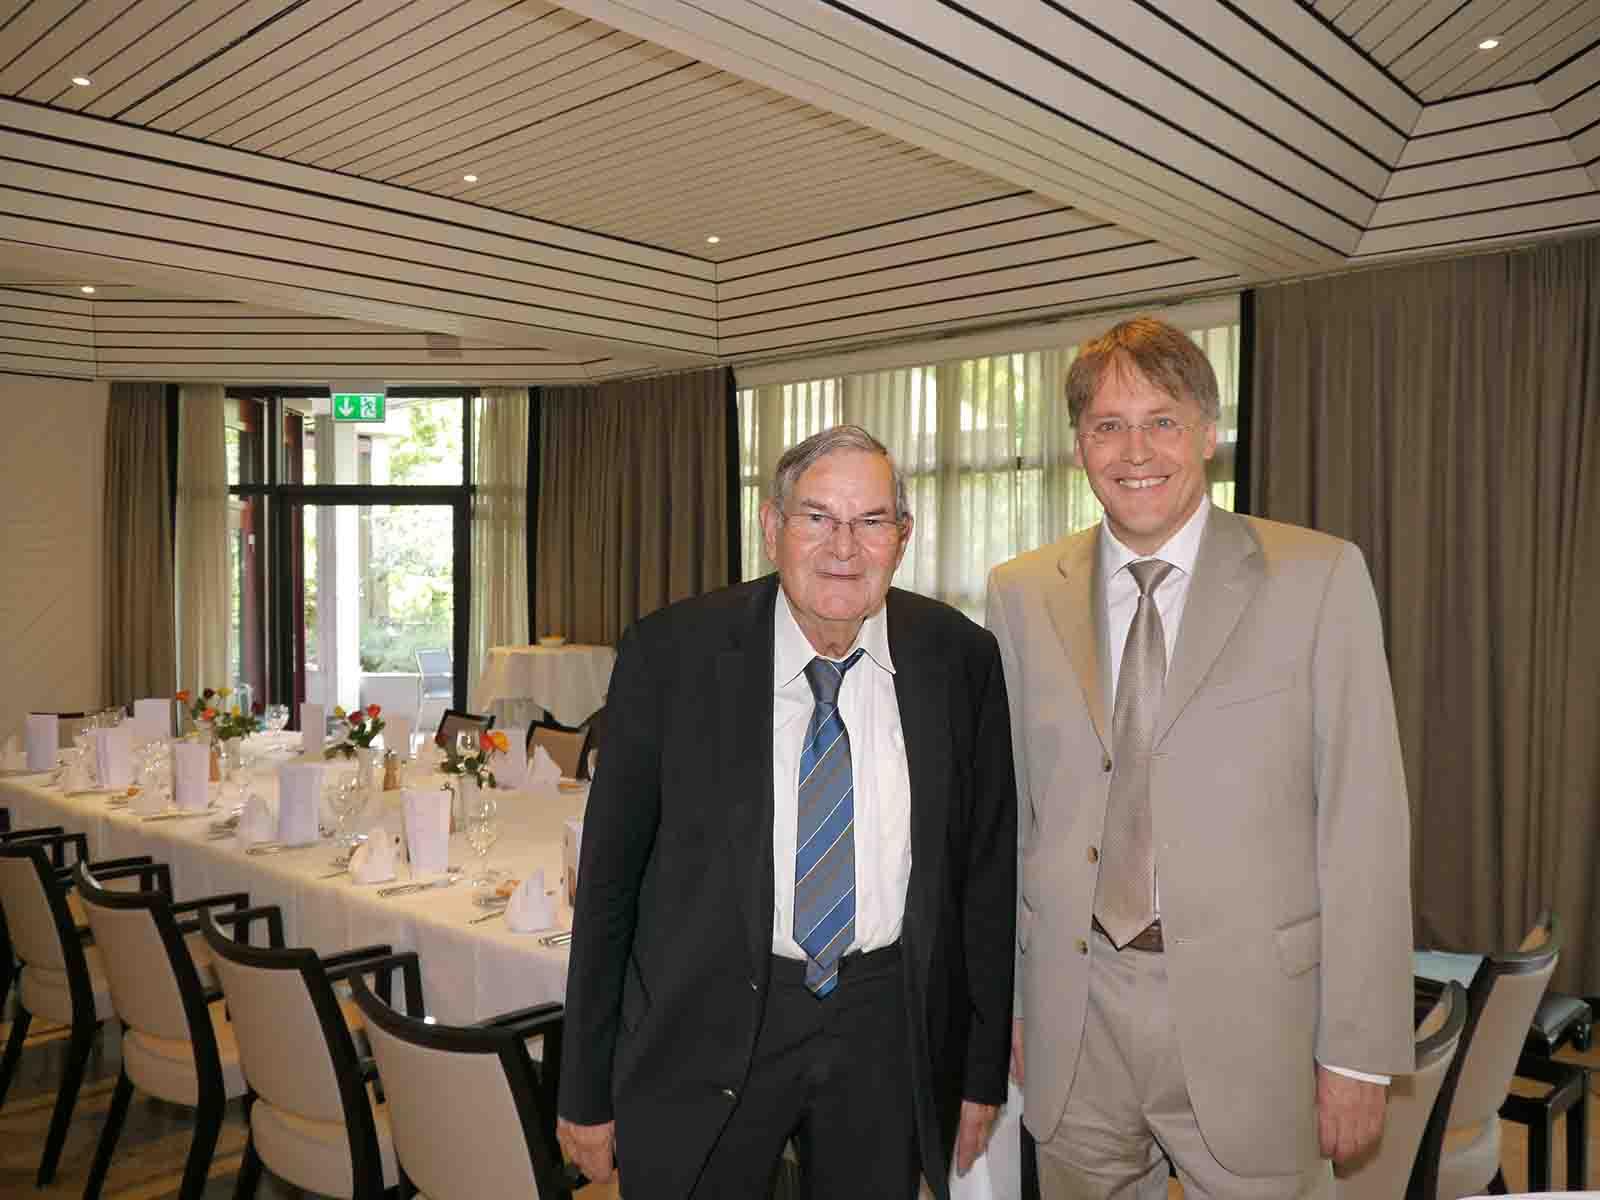 Paul Zweifel trat nach 56 Jahren aus dem Stiftungsrat der Schmid-Wörner-Stiftung Höngg zurück und übergab das Präsidium an Bruno Dohner (rechts).